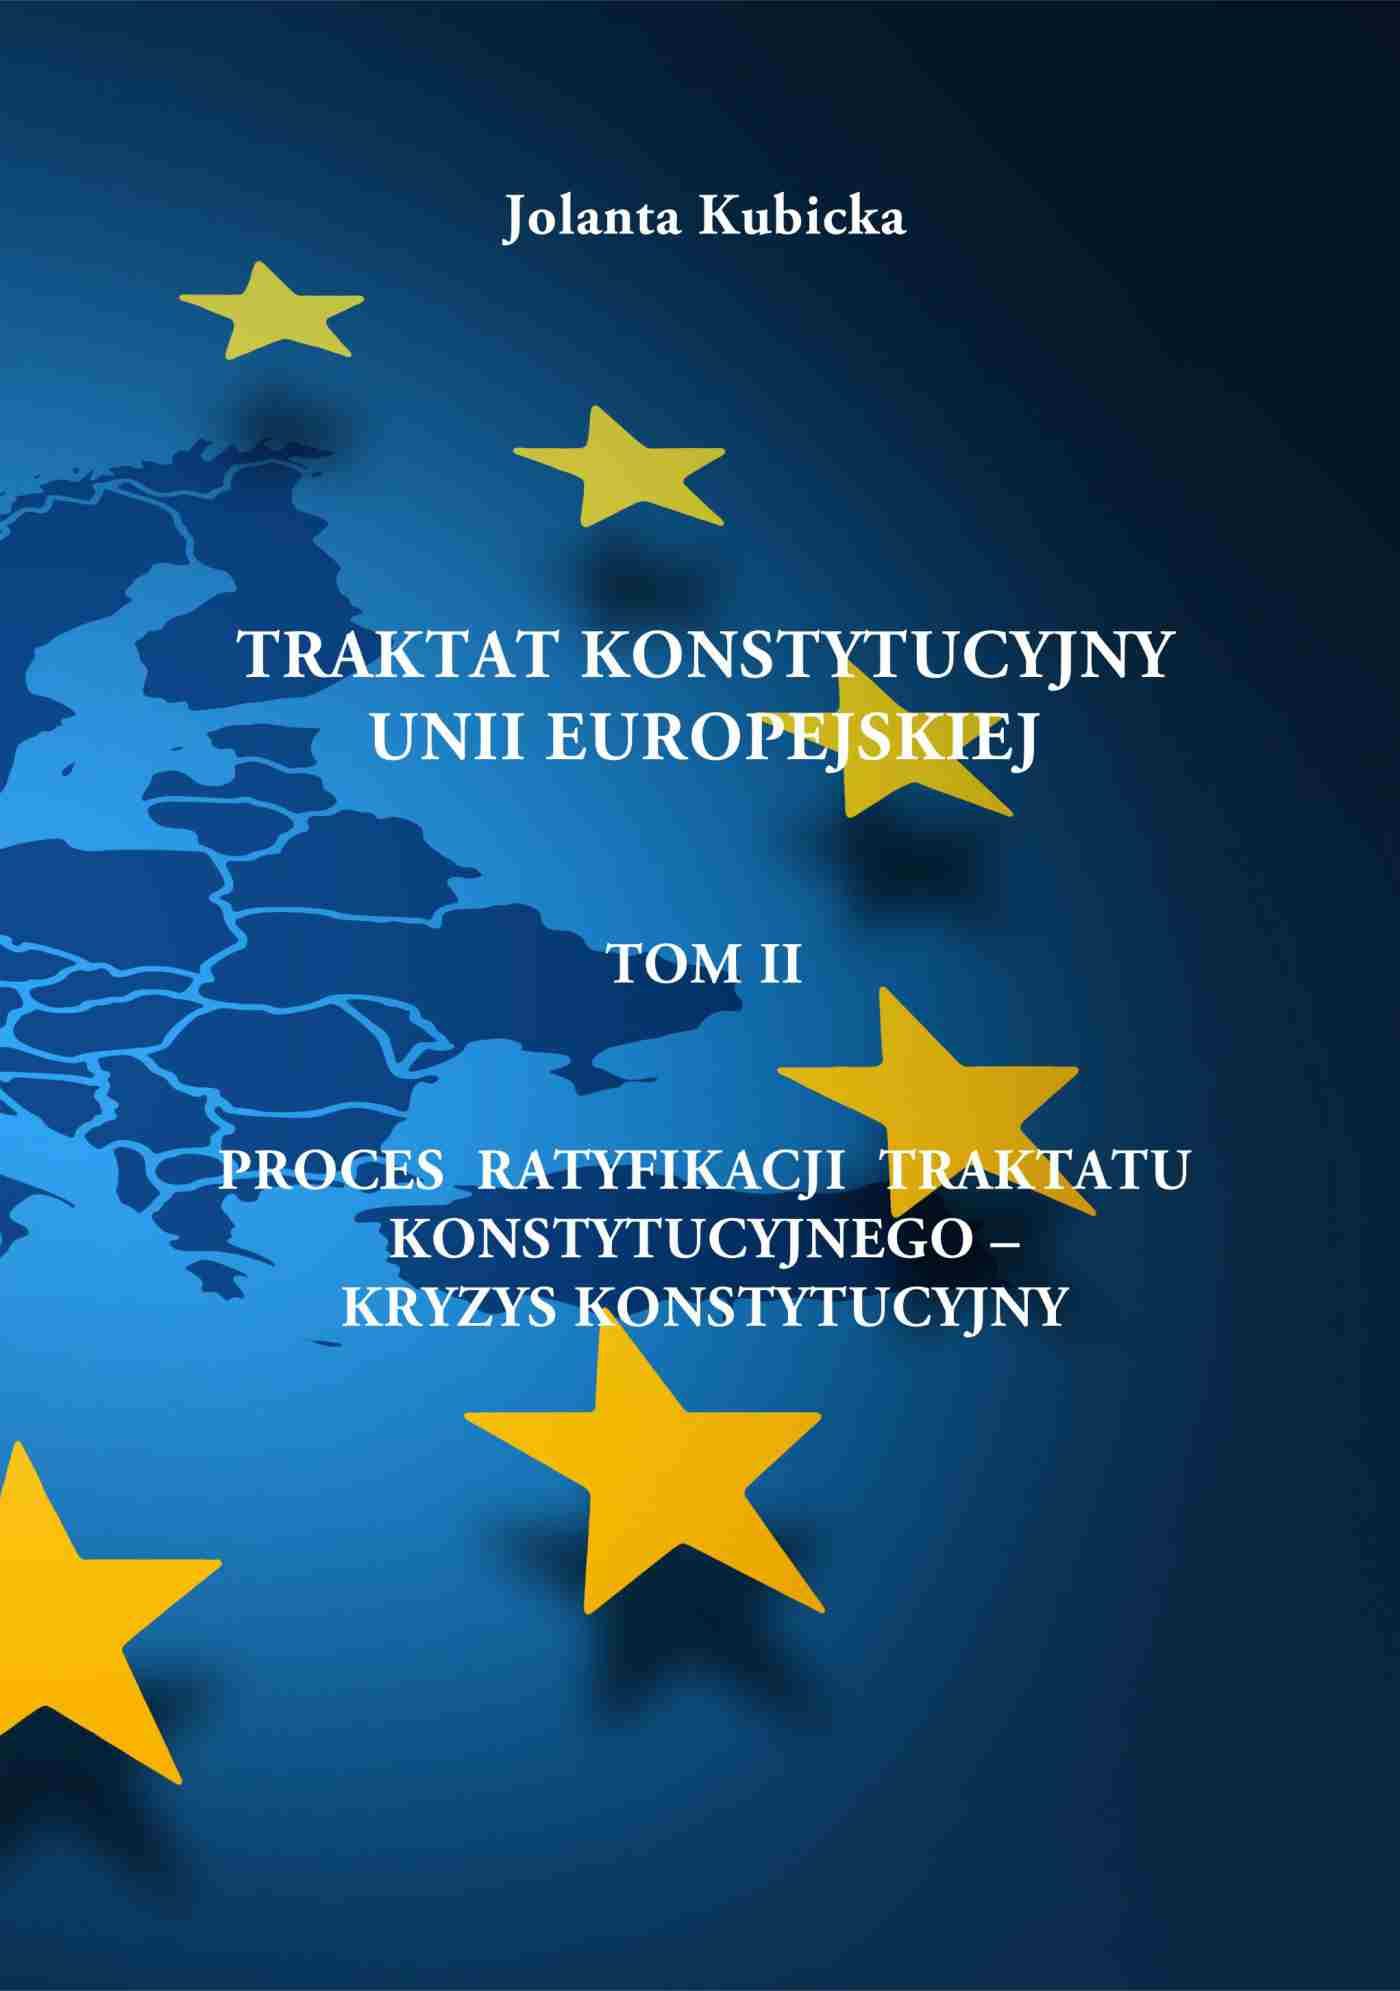 Traktat konstytucyjny Unii Europejskiej TOM II - Ebook (Książka PDF) do pobrania w formacie PDF